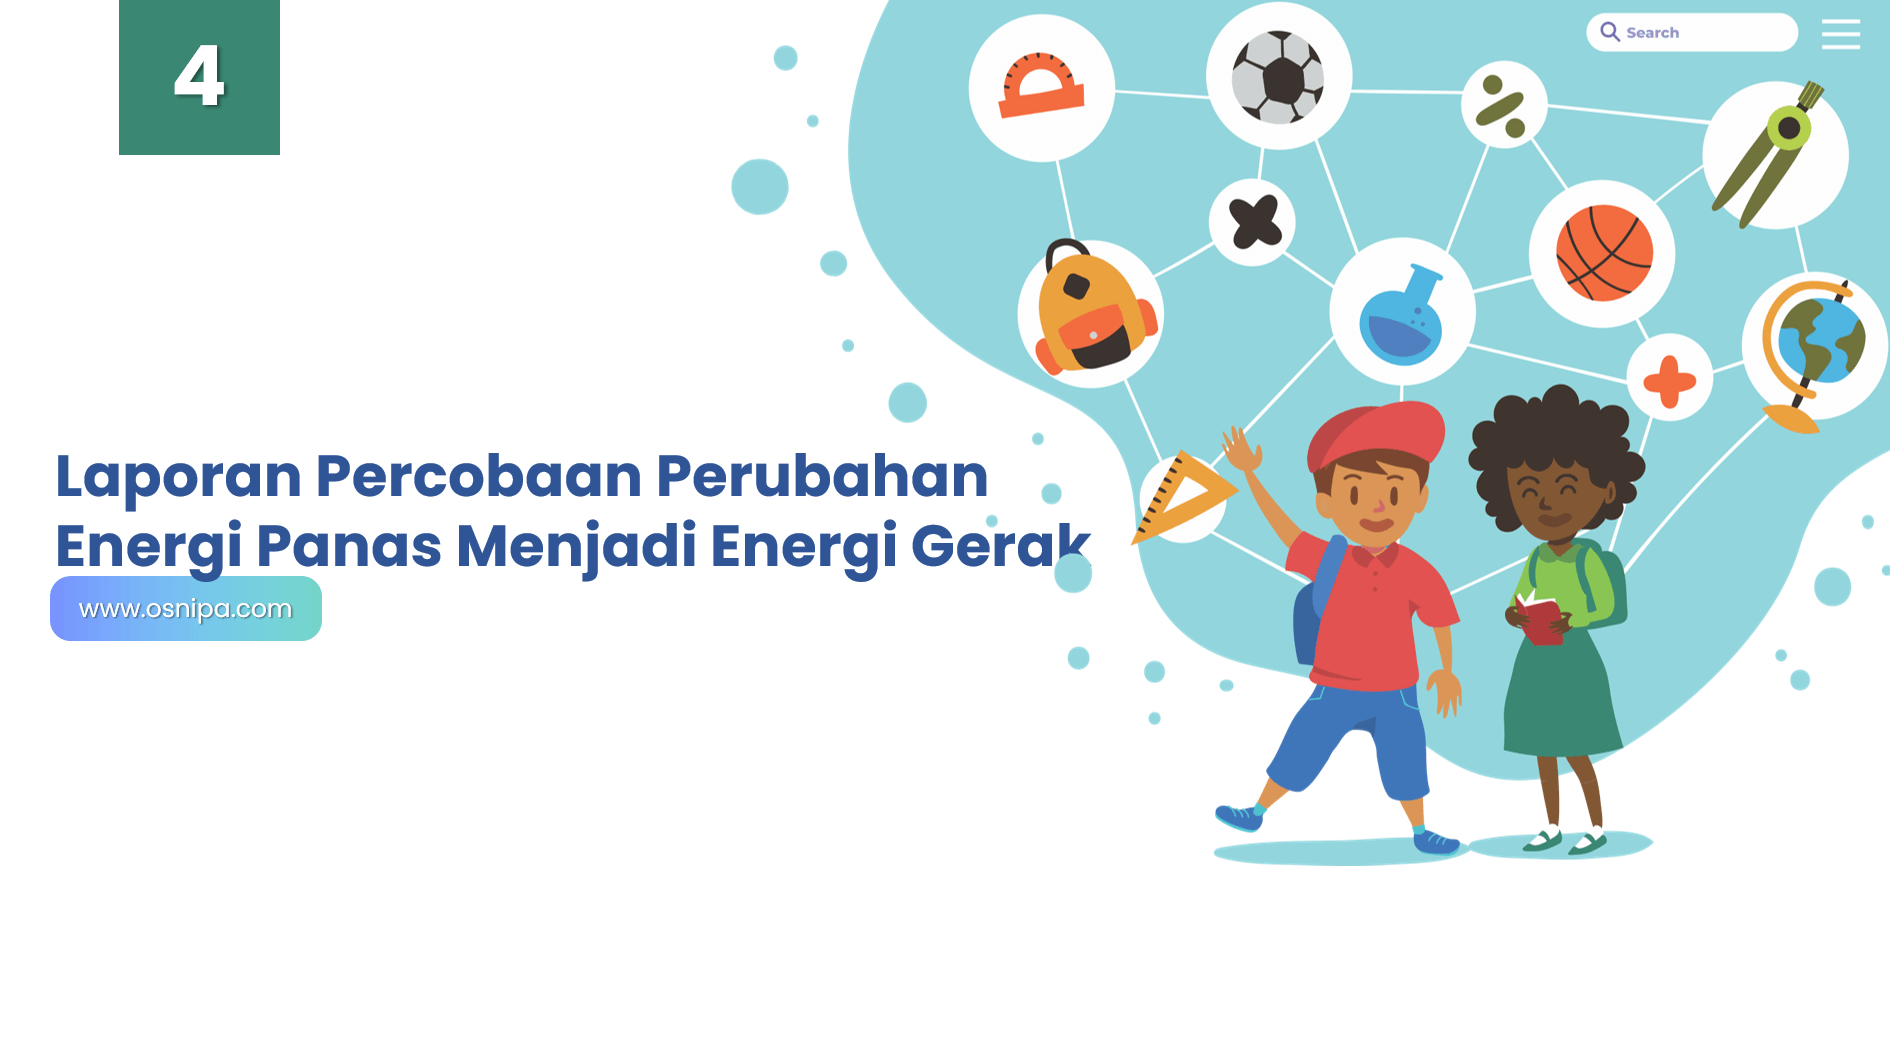 Laporan Percobaan Perubahan Energi Panas Menjadi Energi Gerak